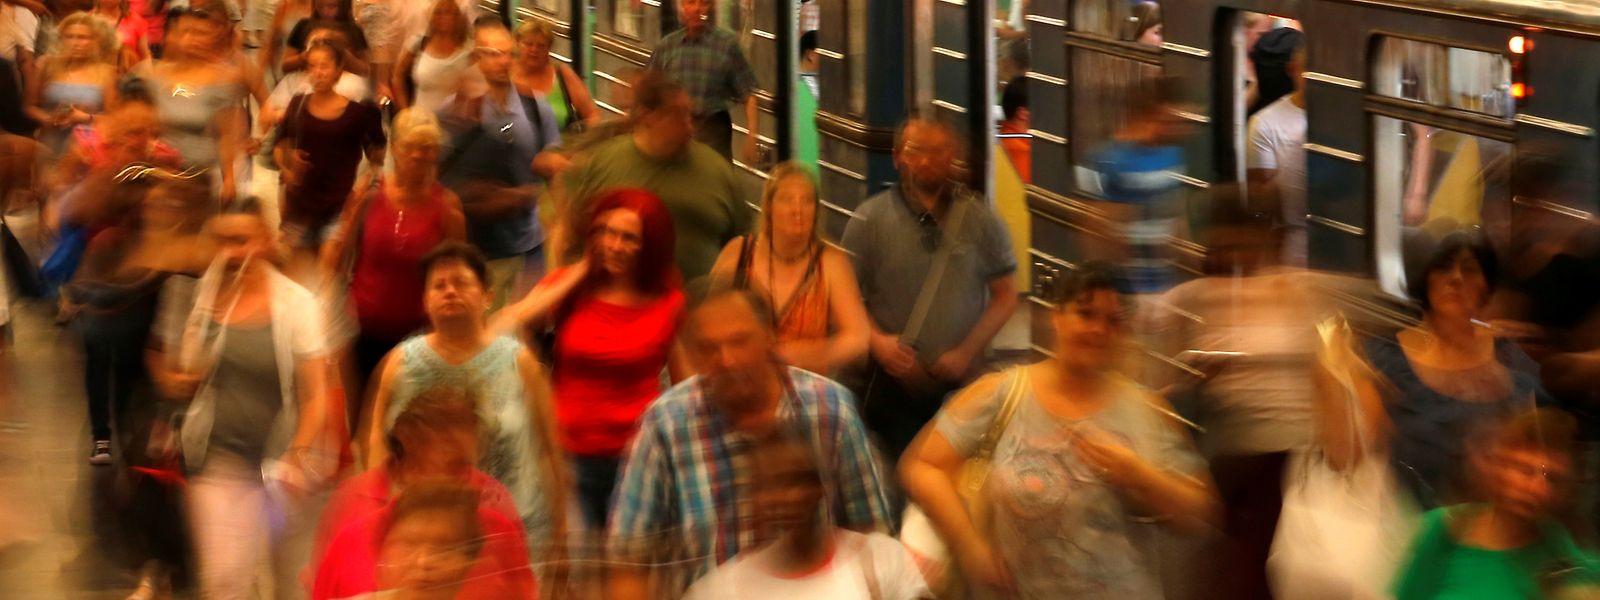 Bitte nicht drängeln: In Bahn und U-Bahn geht es heute schon zur Rush-Hour eng zu.